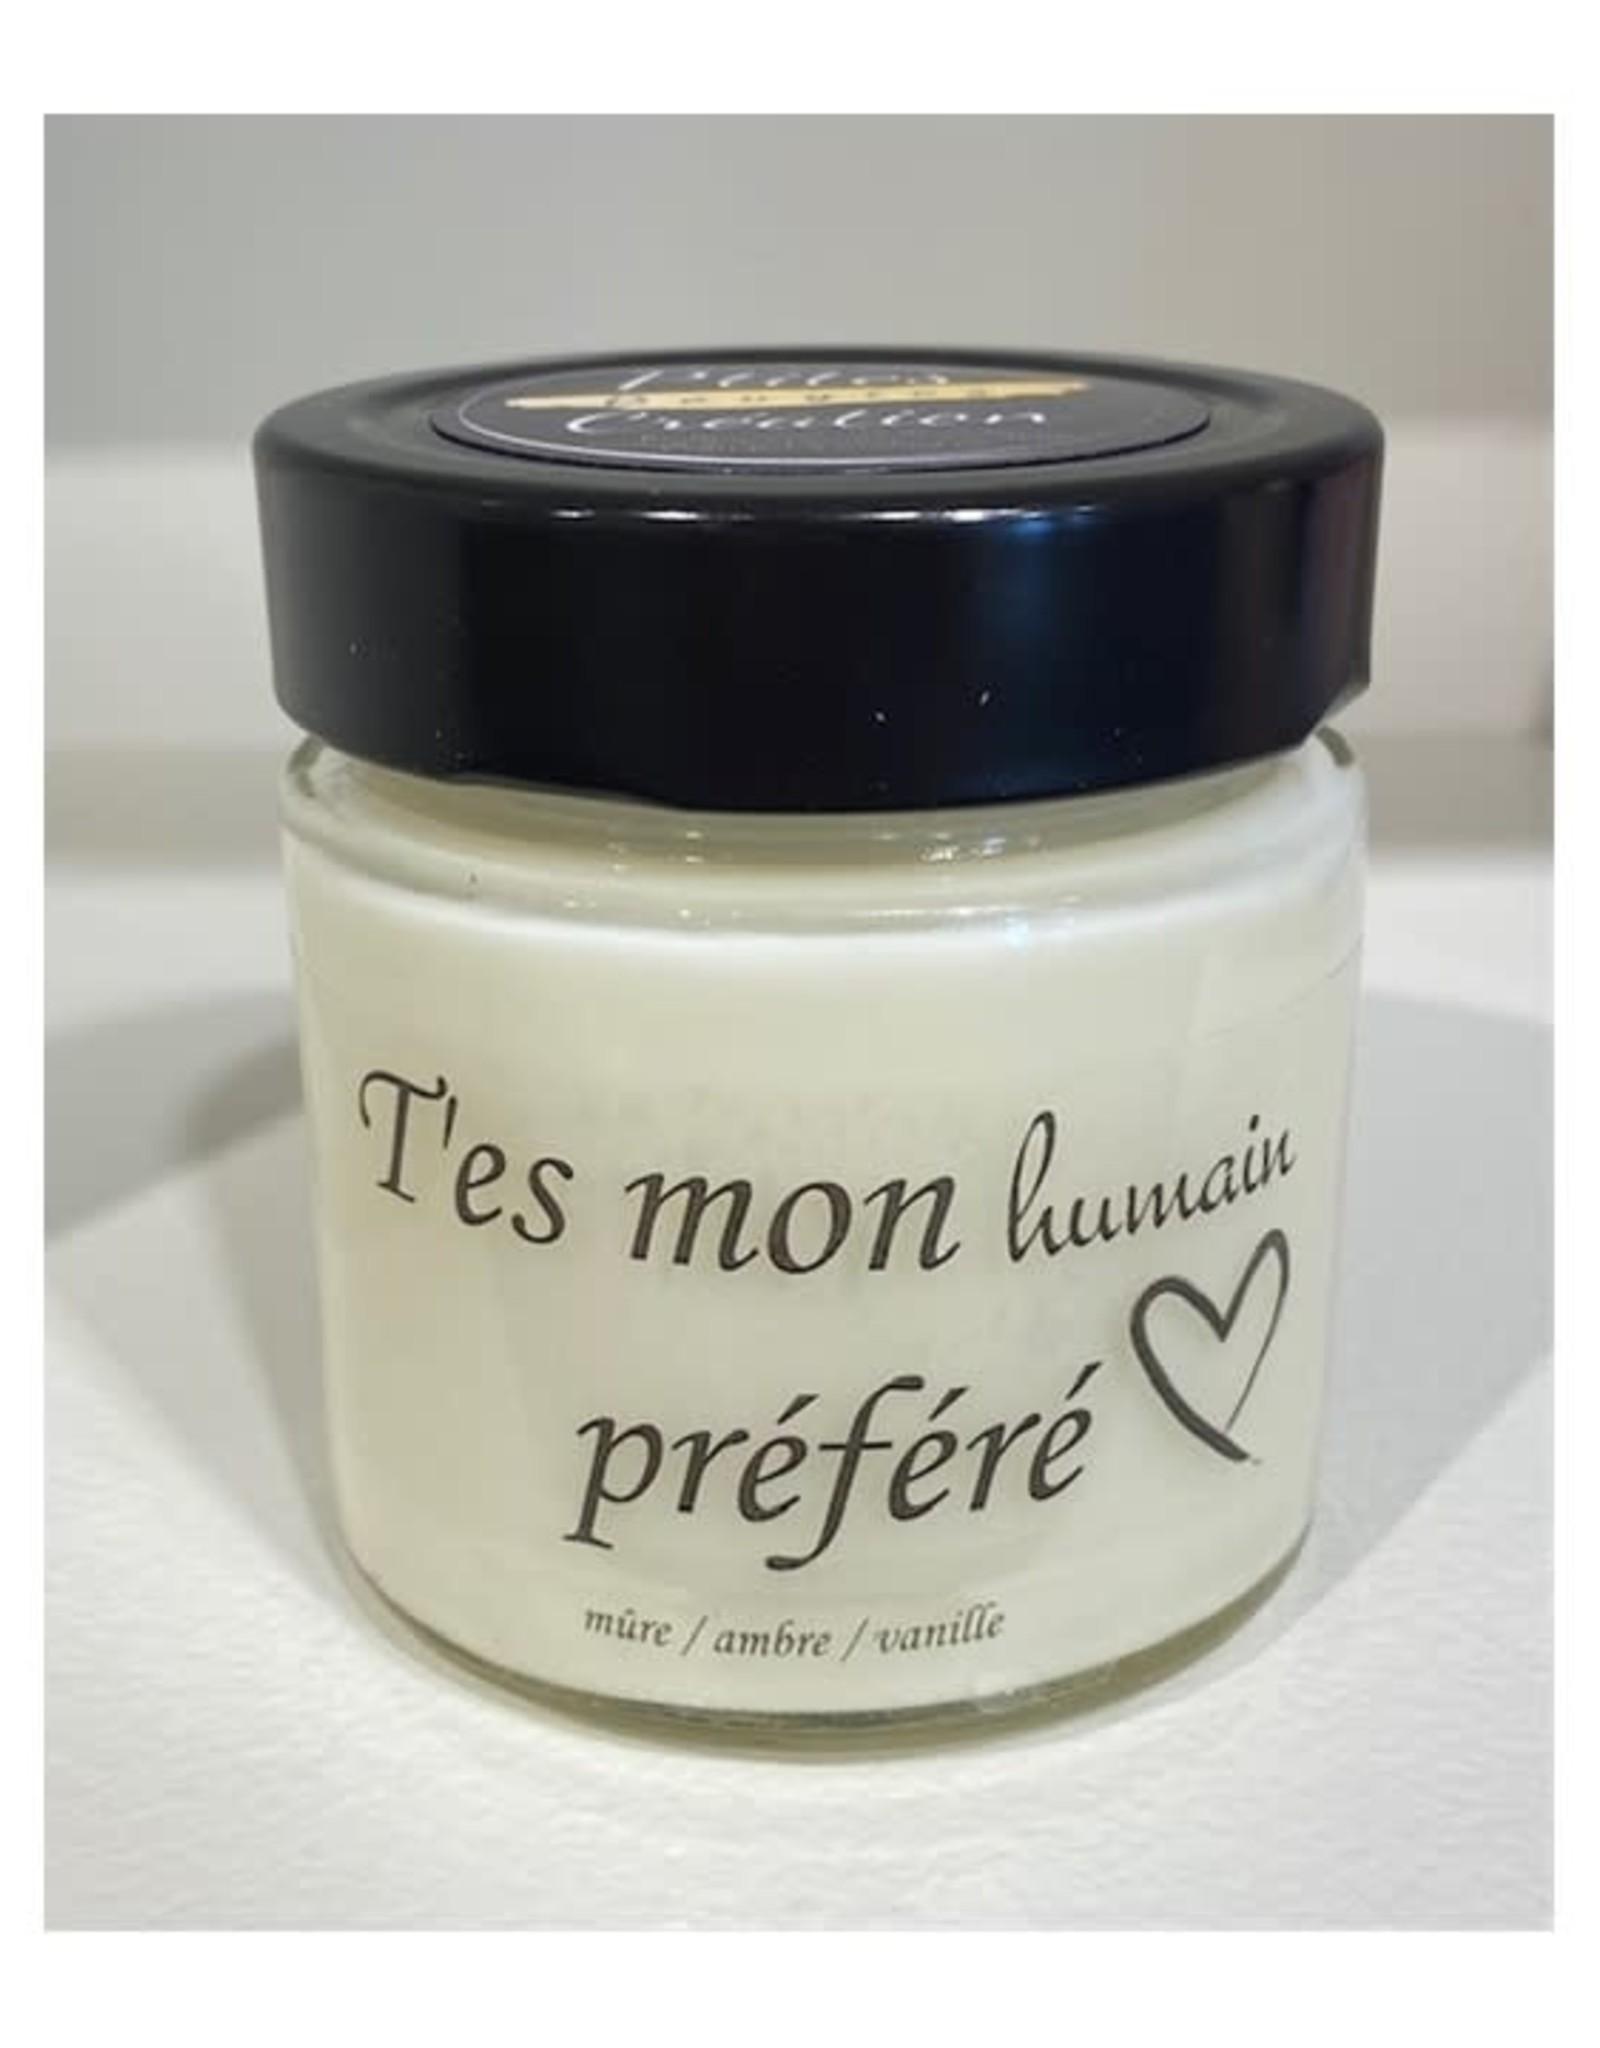 Les p'tites bougies Bougie - T'es mon humain préféré ( mûre, ambre, vanille)